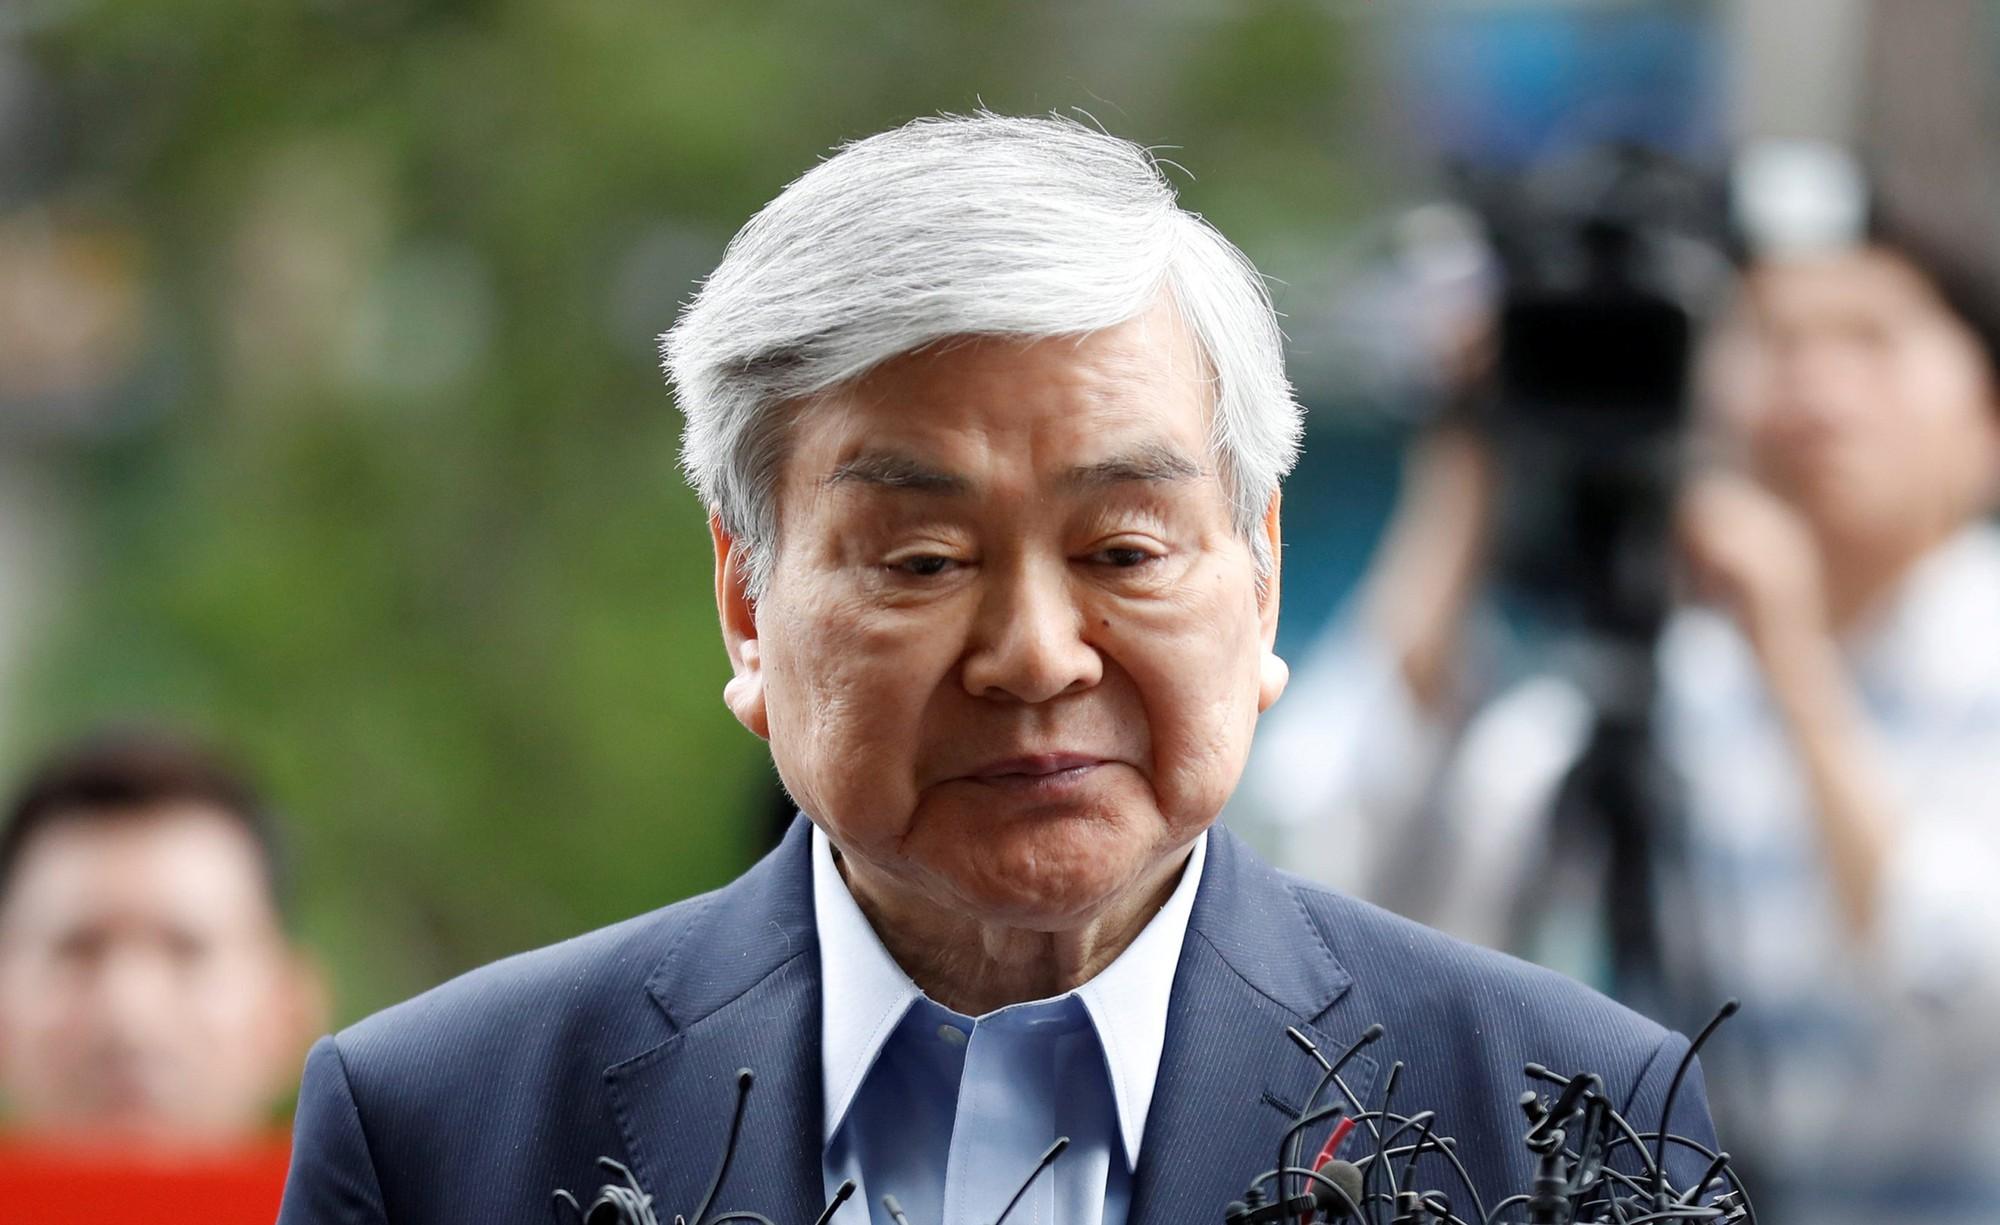 Korean Air: Gia tộc tai tiếng gắn liền với loạt bê bối bạo hành, lạm quyền và ức hiếp kẻ yếu gây rúng động Hàn Quốc - Ảnh 16.